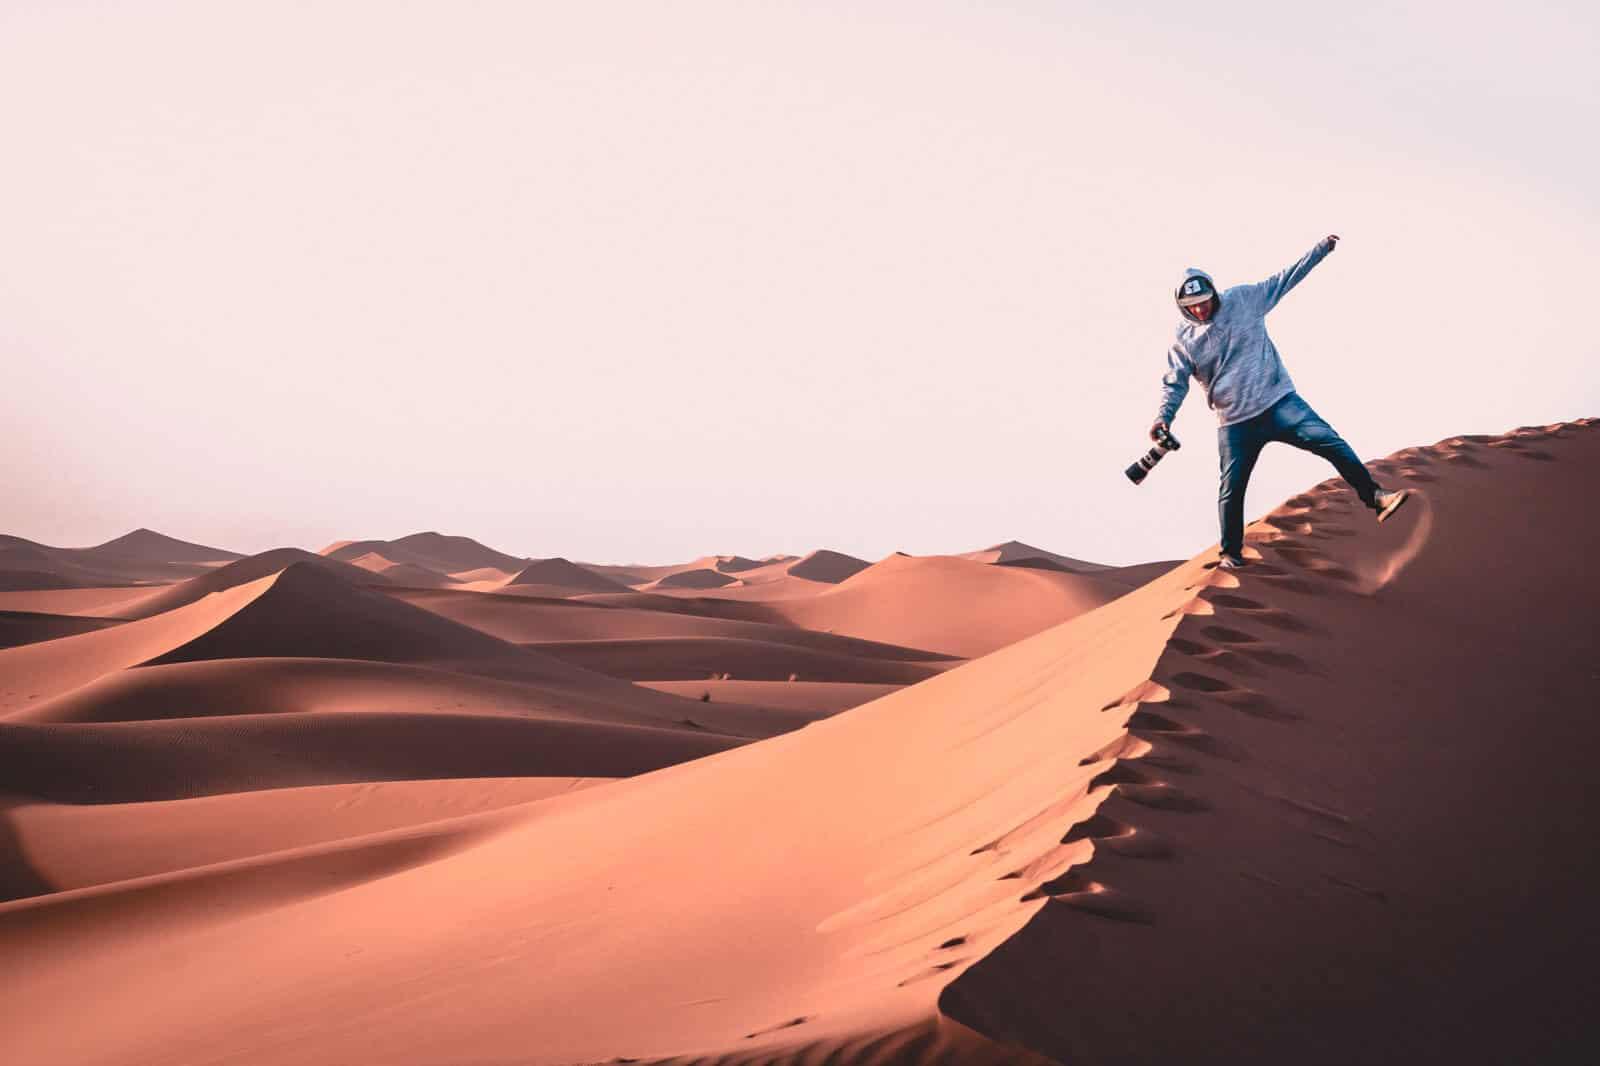 Freelance videographer in a desert